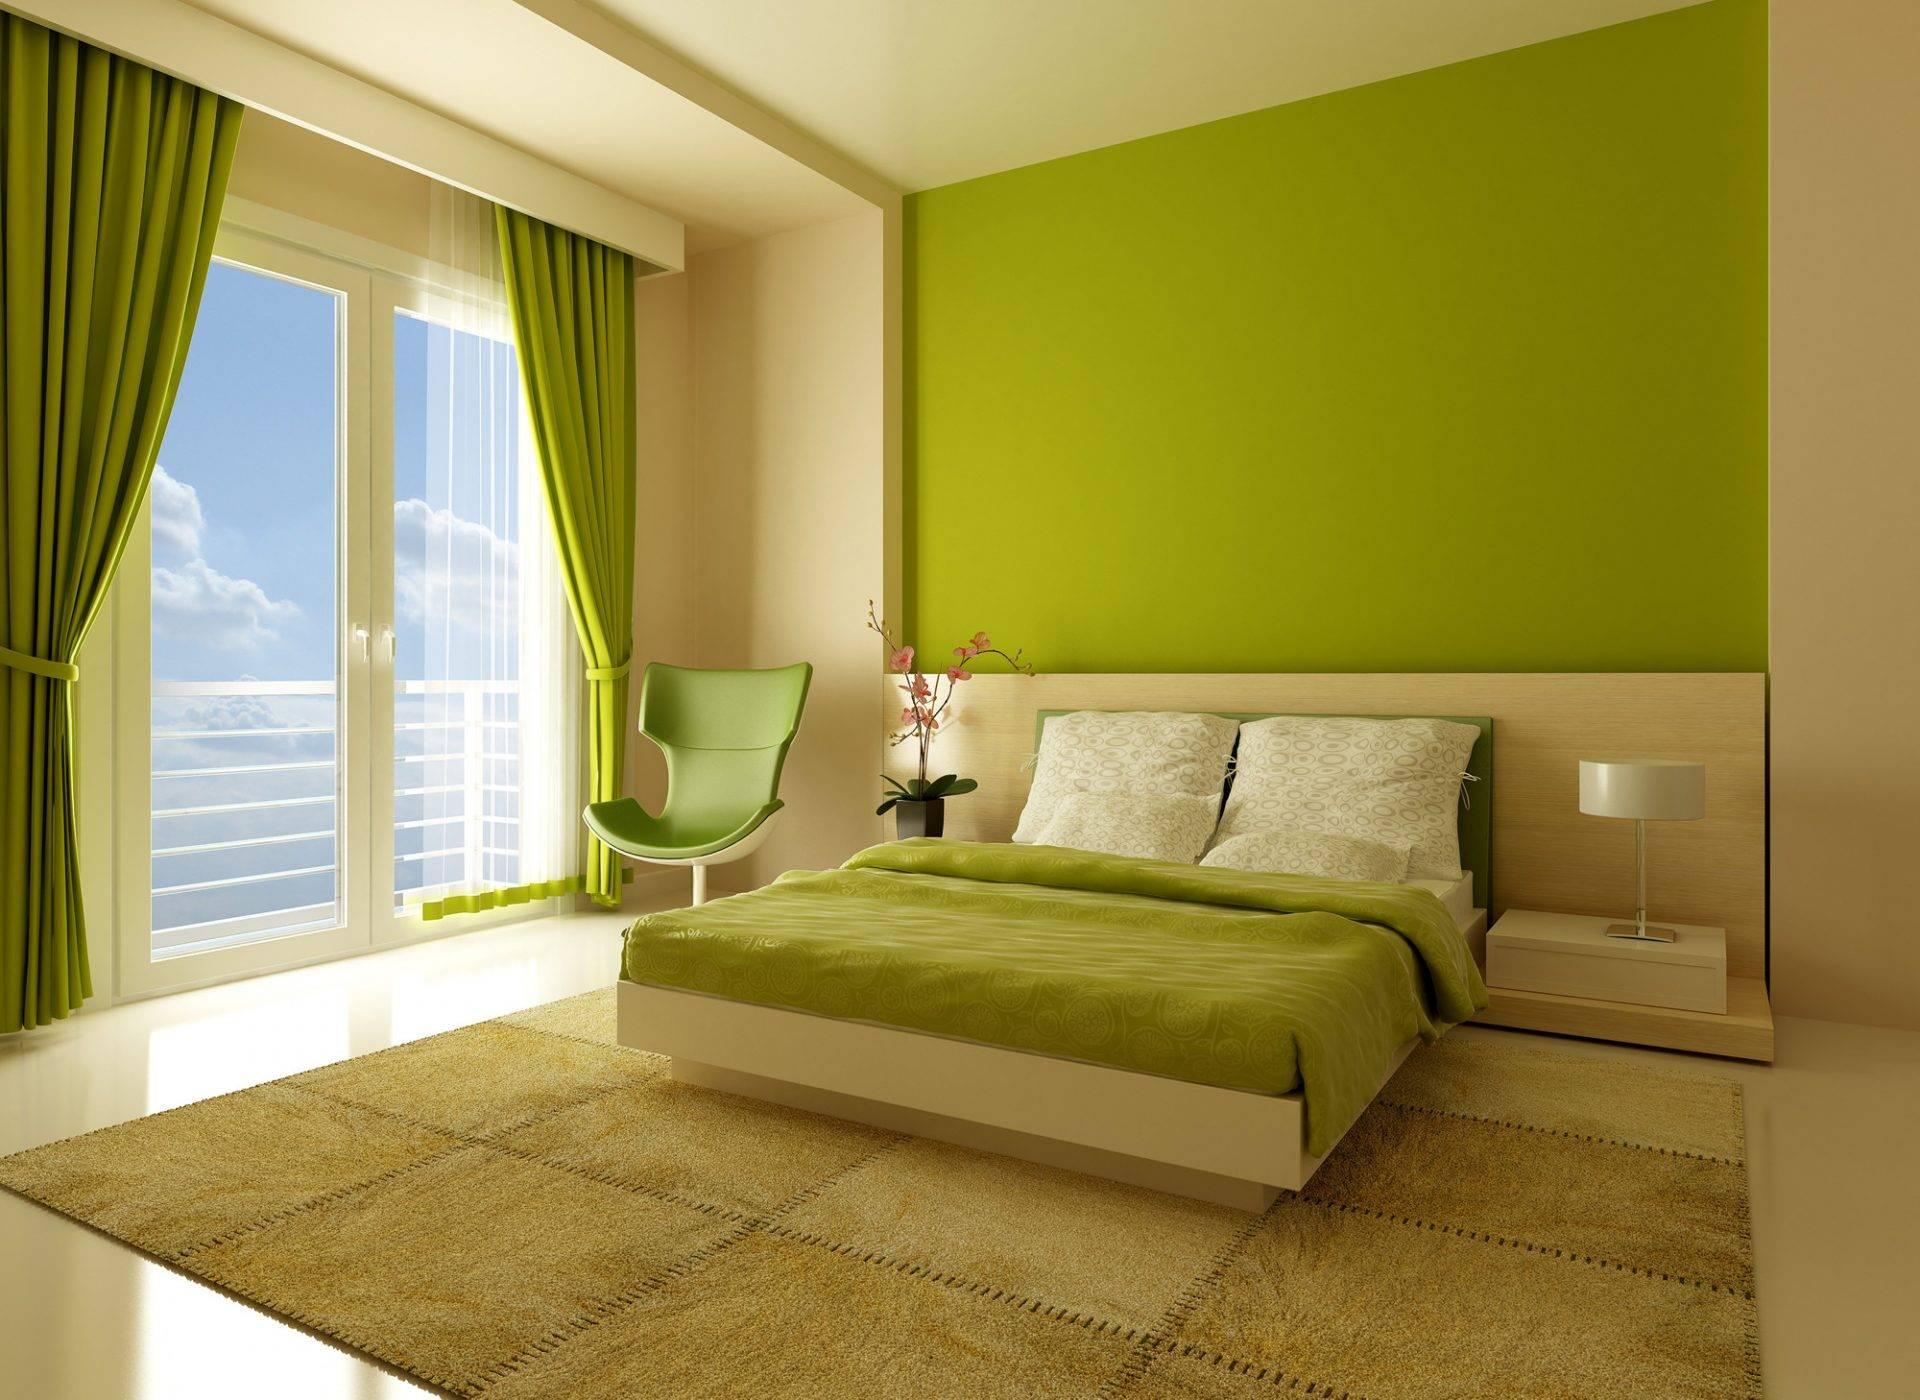 Золотой цвет в интерьере: 205+ (фото) сочетания в разных комнатах